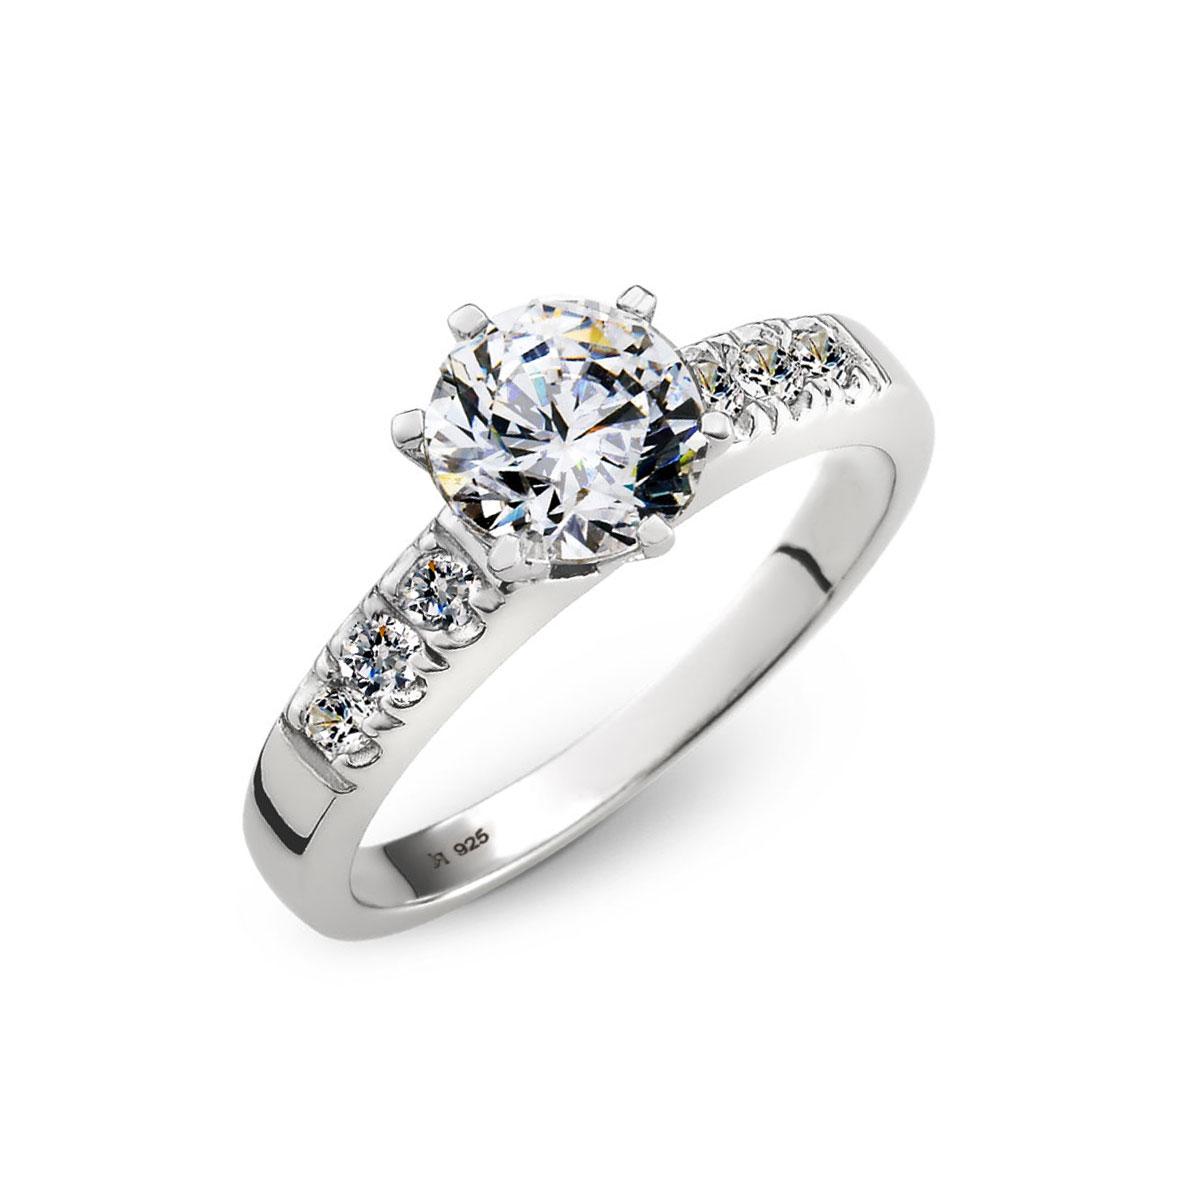 KSW281 一輩子的約定切面戒指